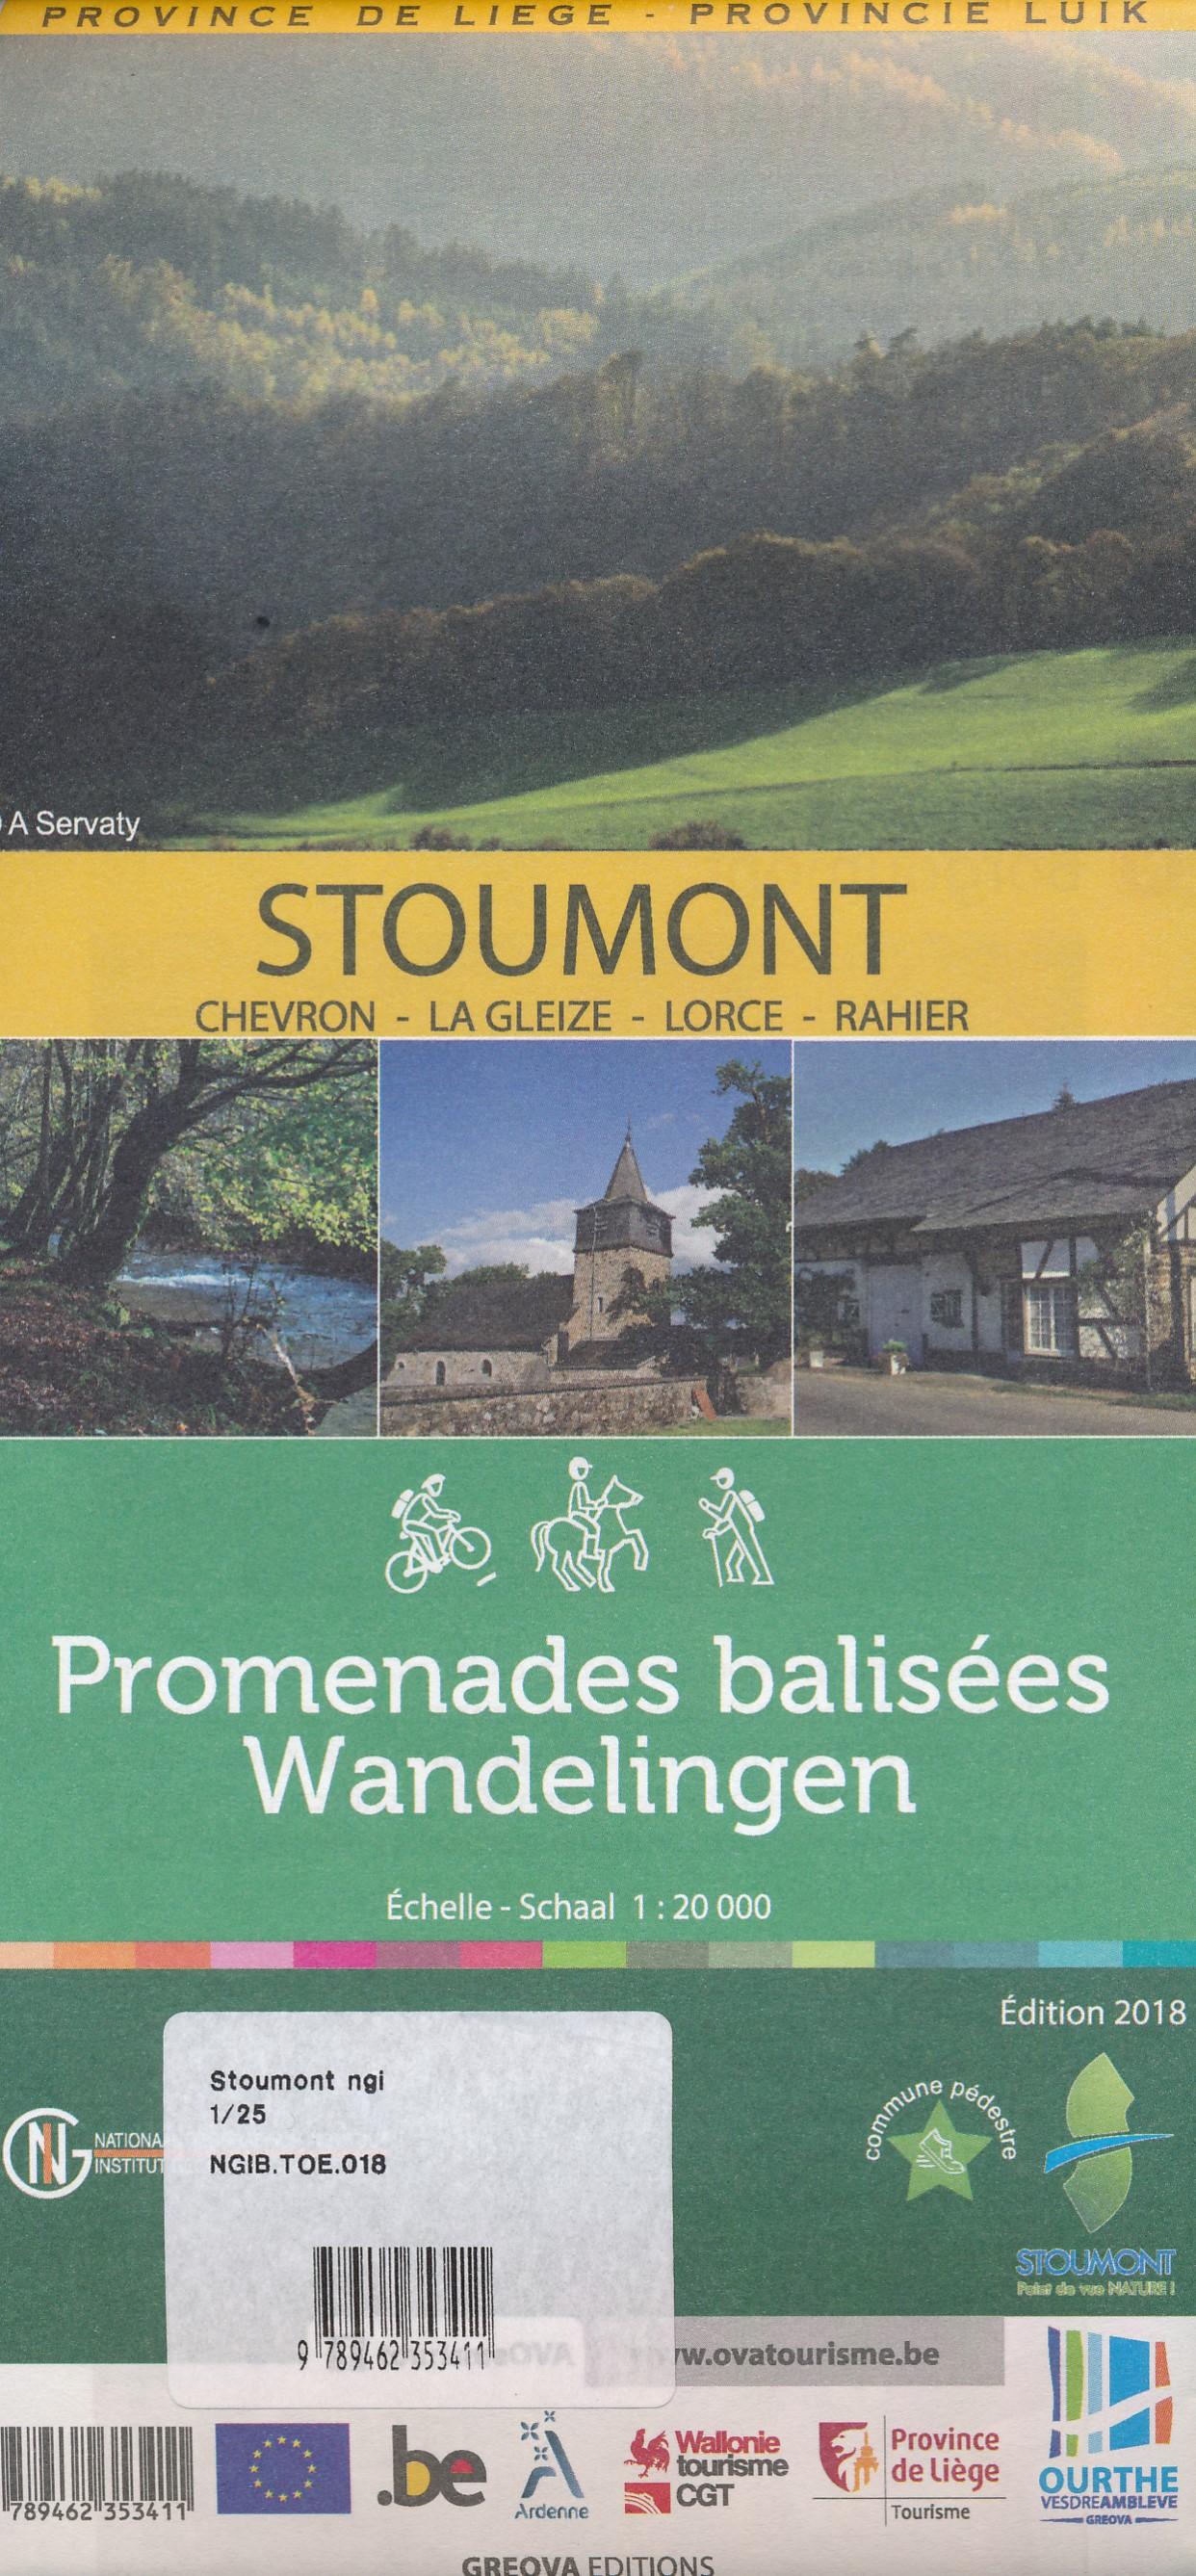 Wandelkaart Stoumont | NGI - Nationaal Geografisch Instituut de zwerver